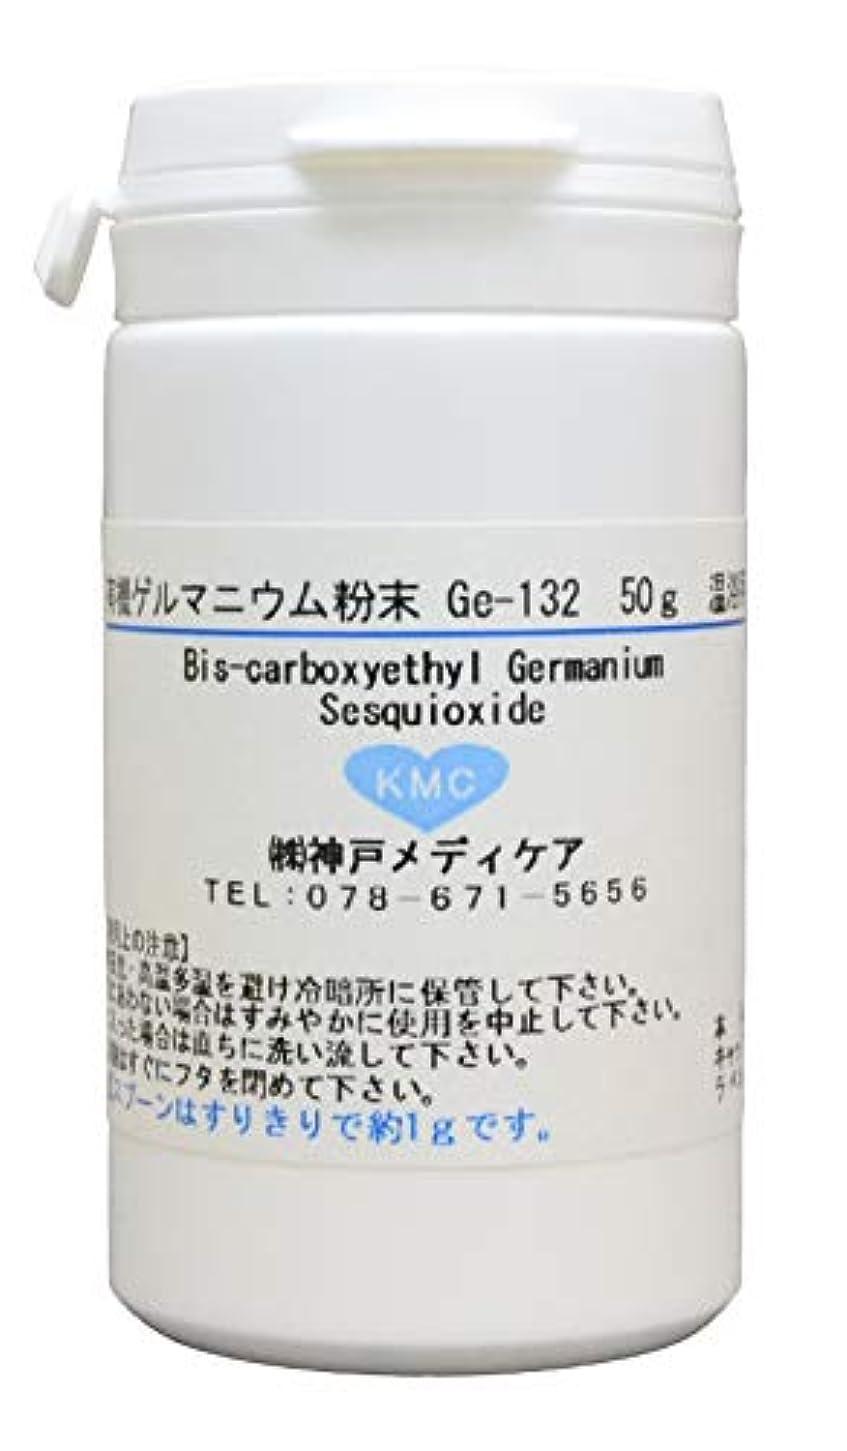 背が高いプロット会社有機ゲルマニウム粉末【50g】Ge132パウダー 温浴専用 入浴剤